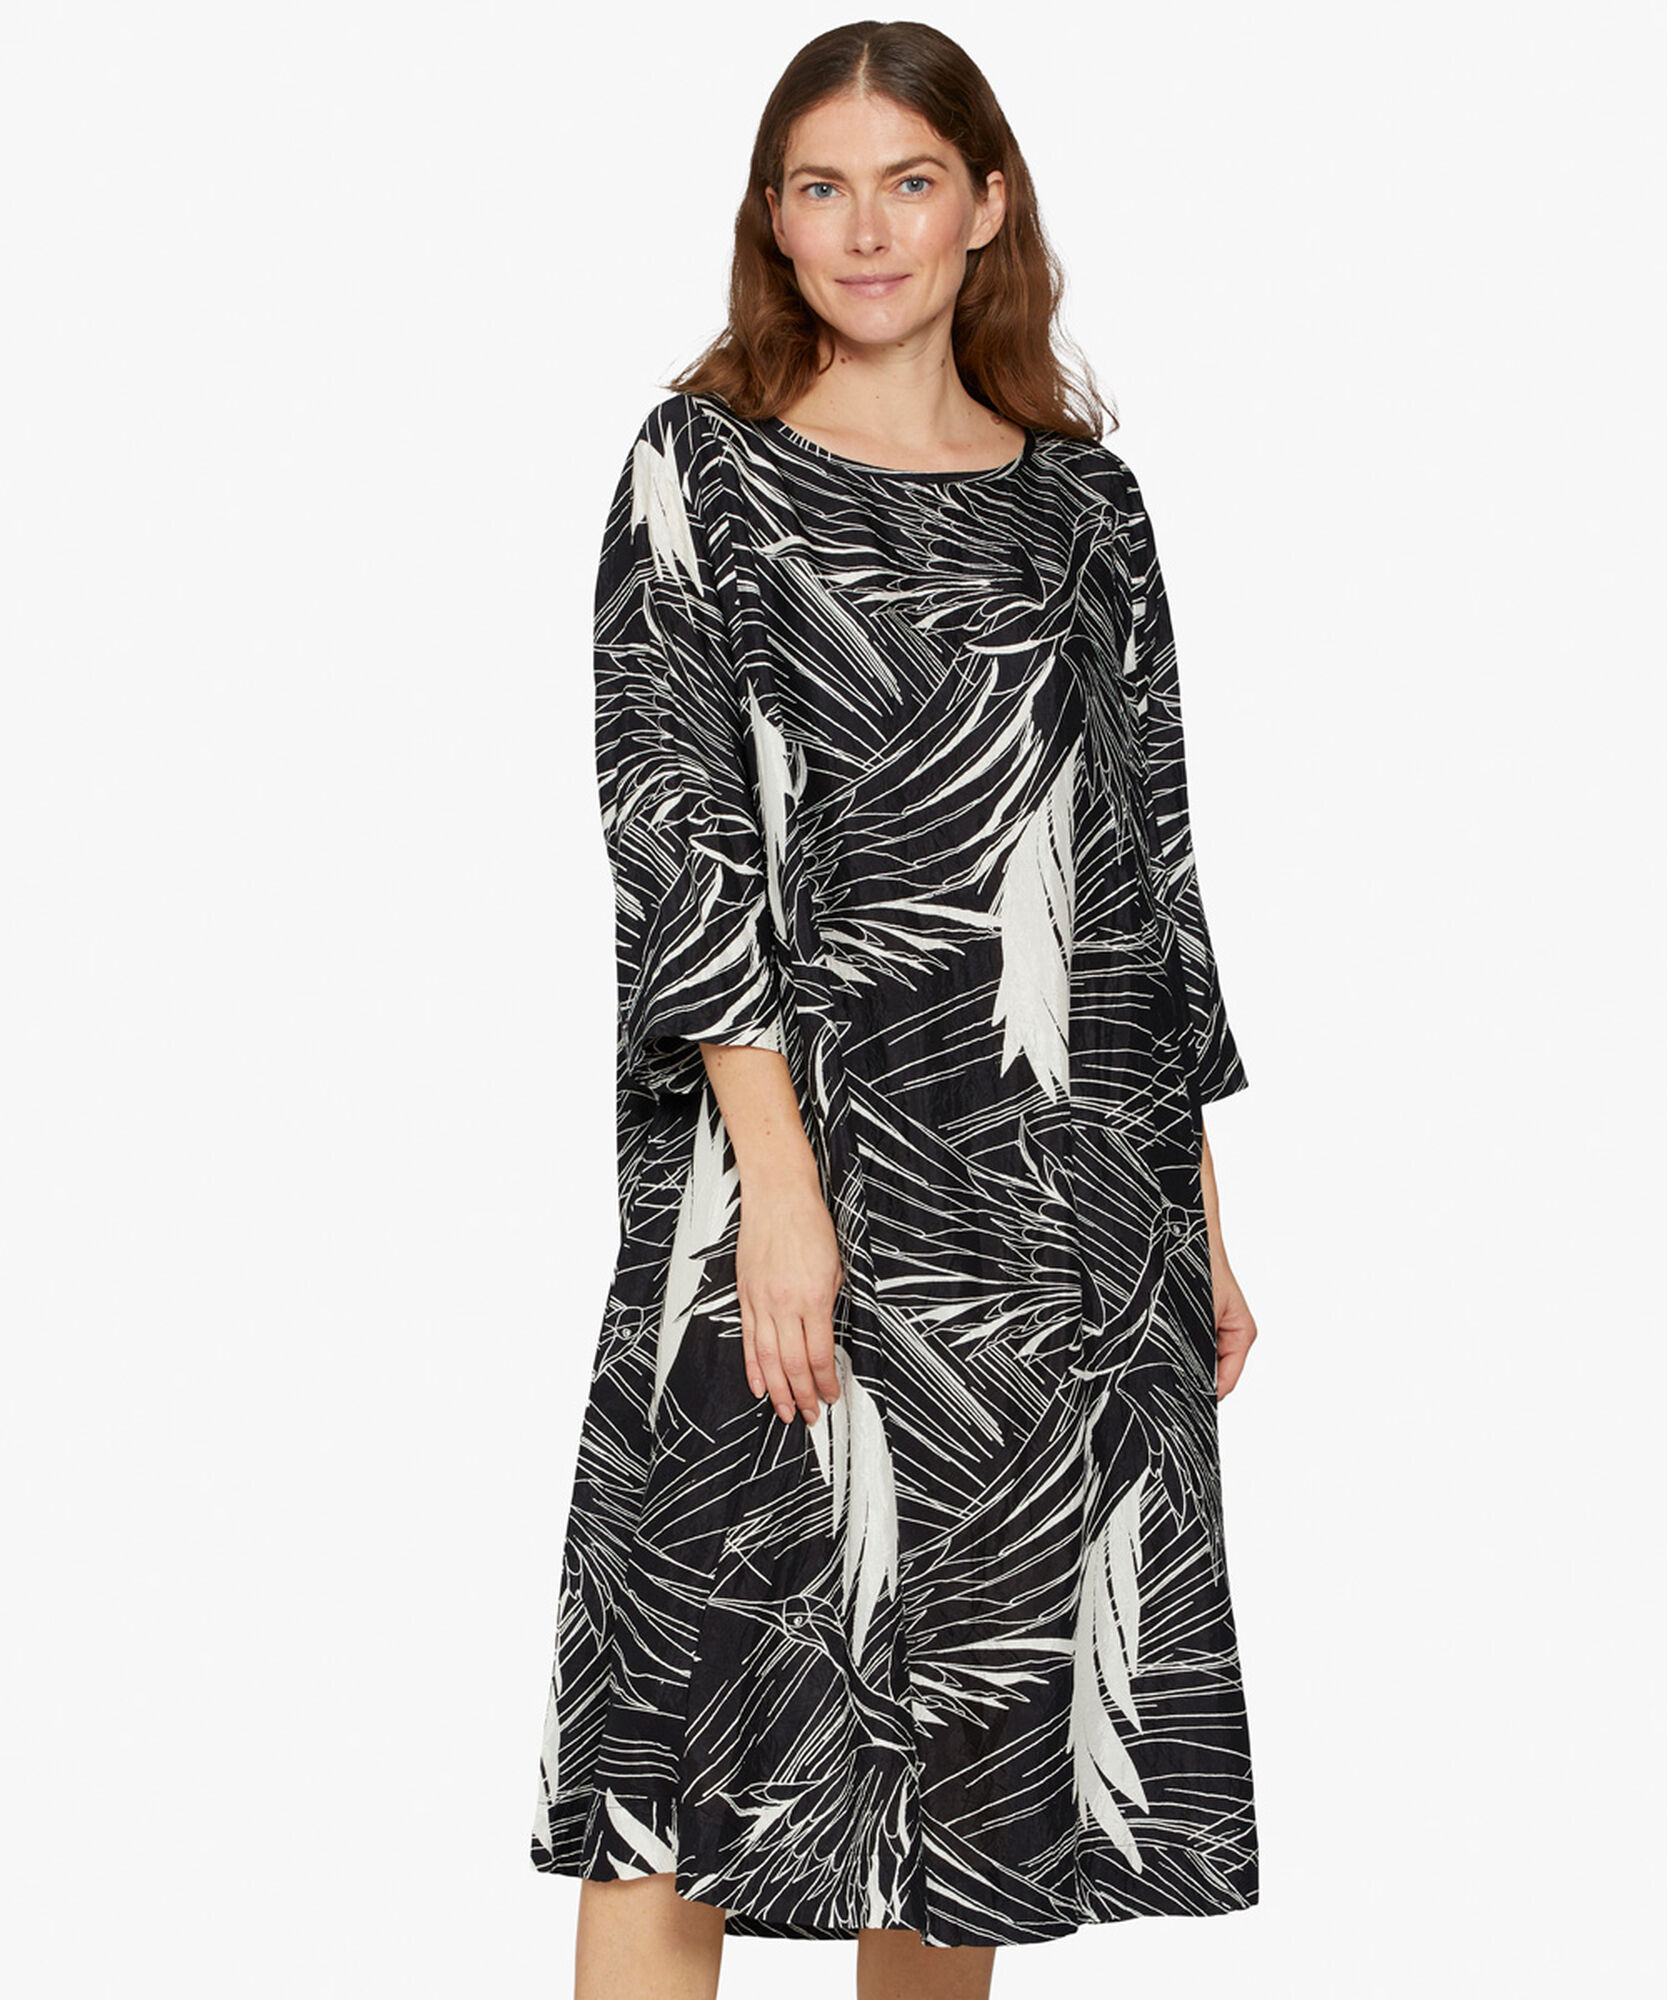 NABIA DRESS, Black, hi-res